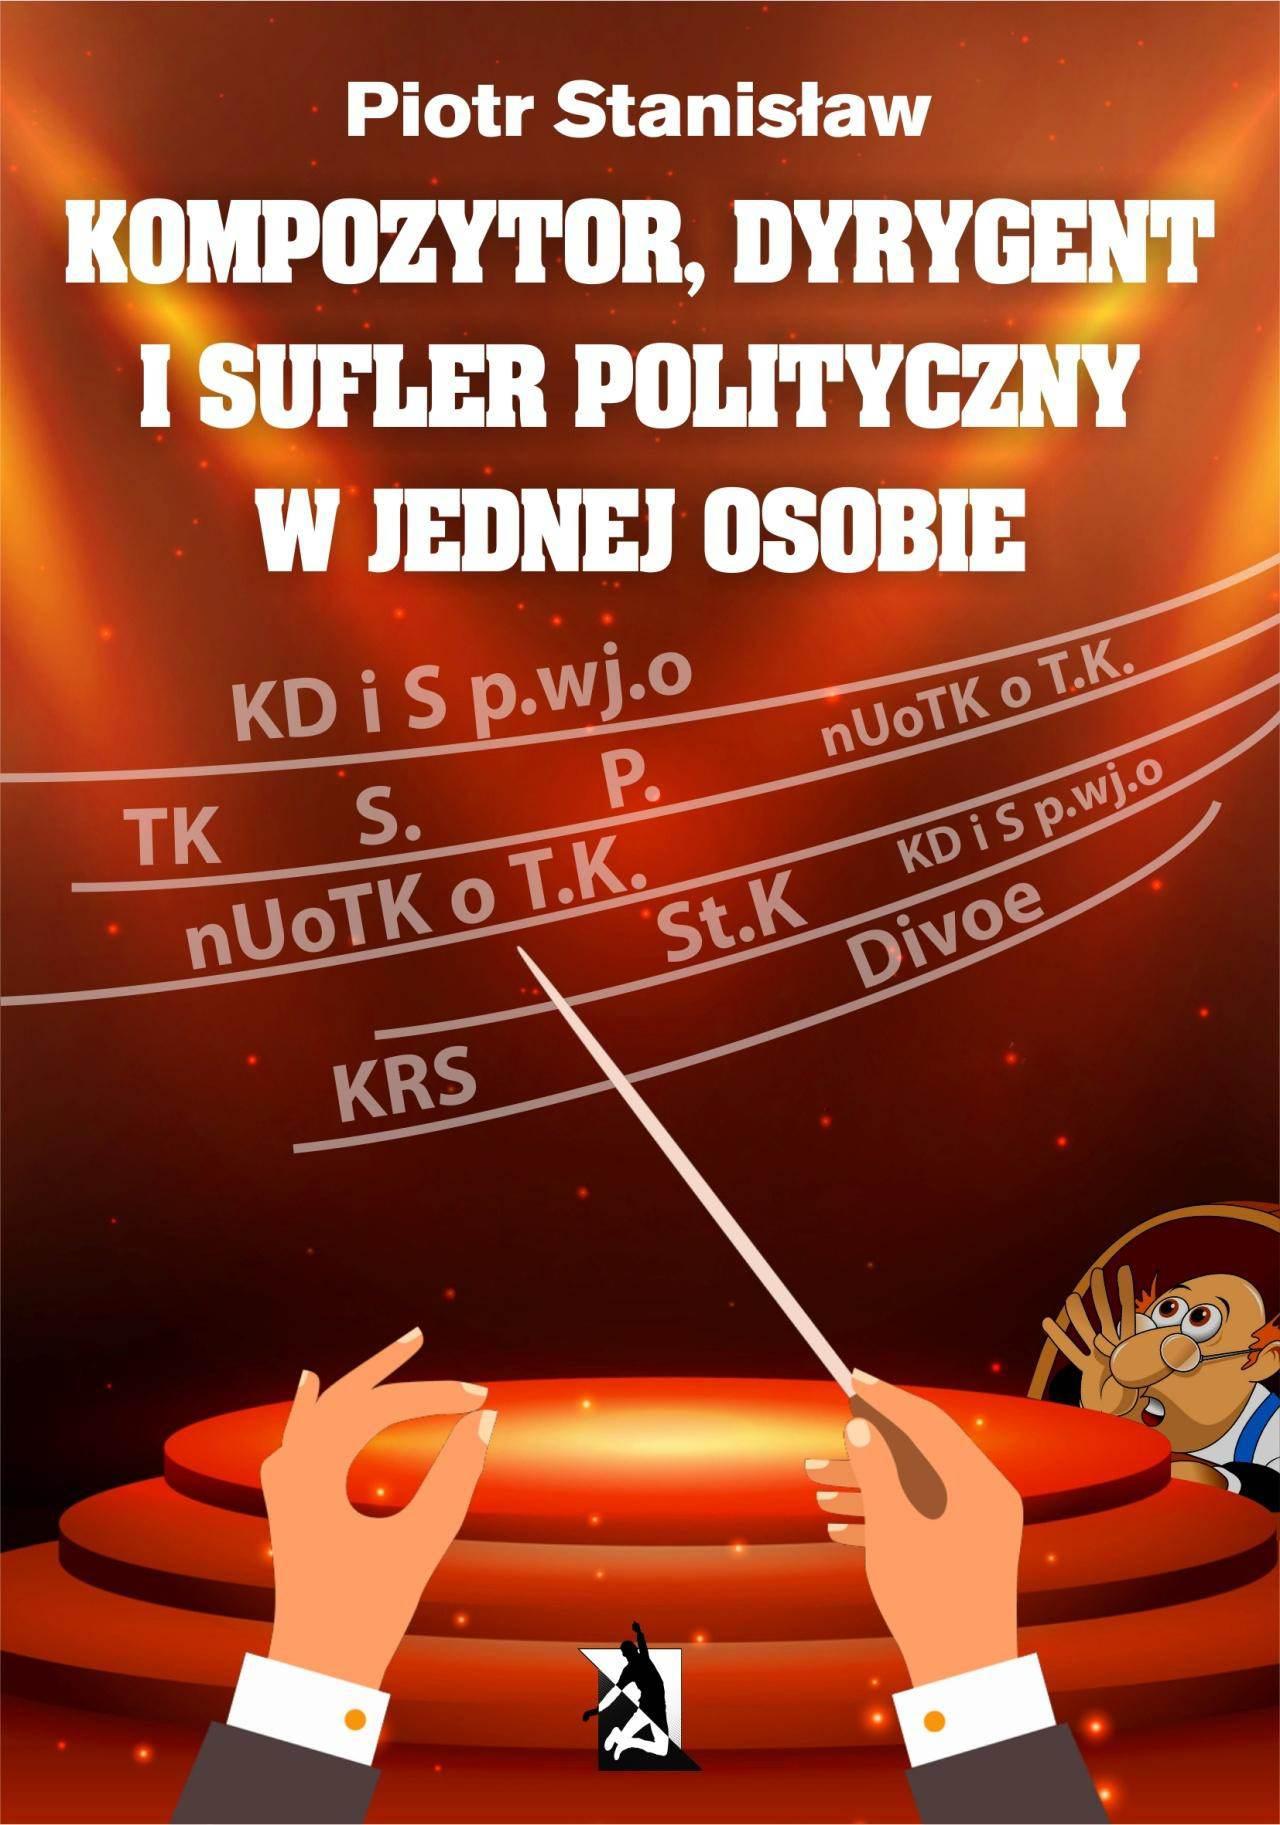 Kompozytor, dyrygent i sufler polityczny w jednej osobie - Ebook (Książka na Kindle) do pobrania w formacie MOBI